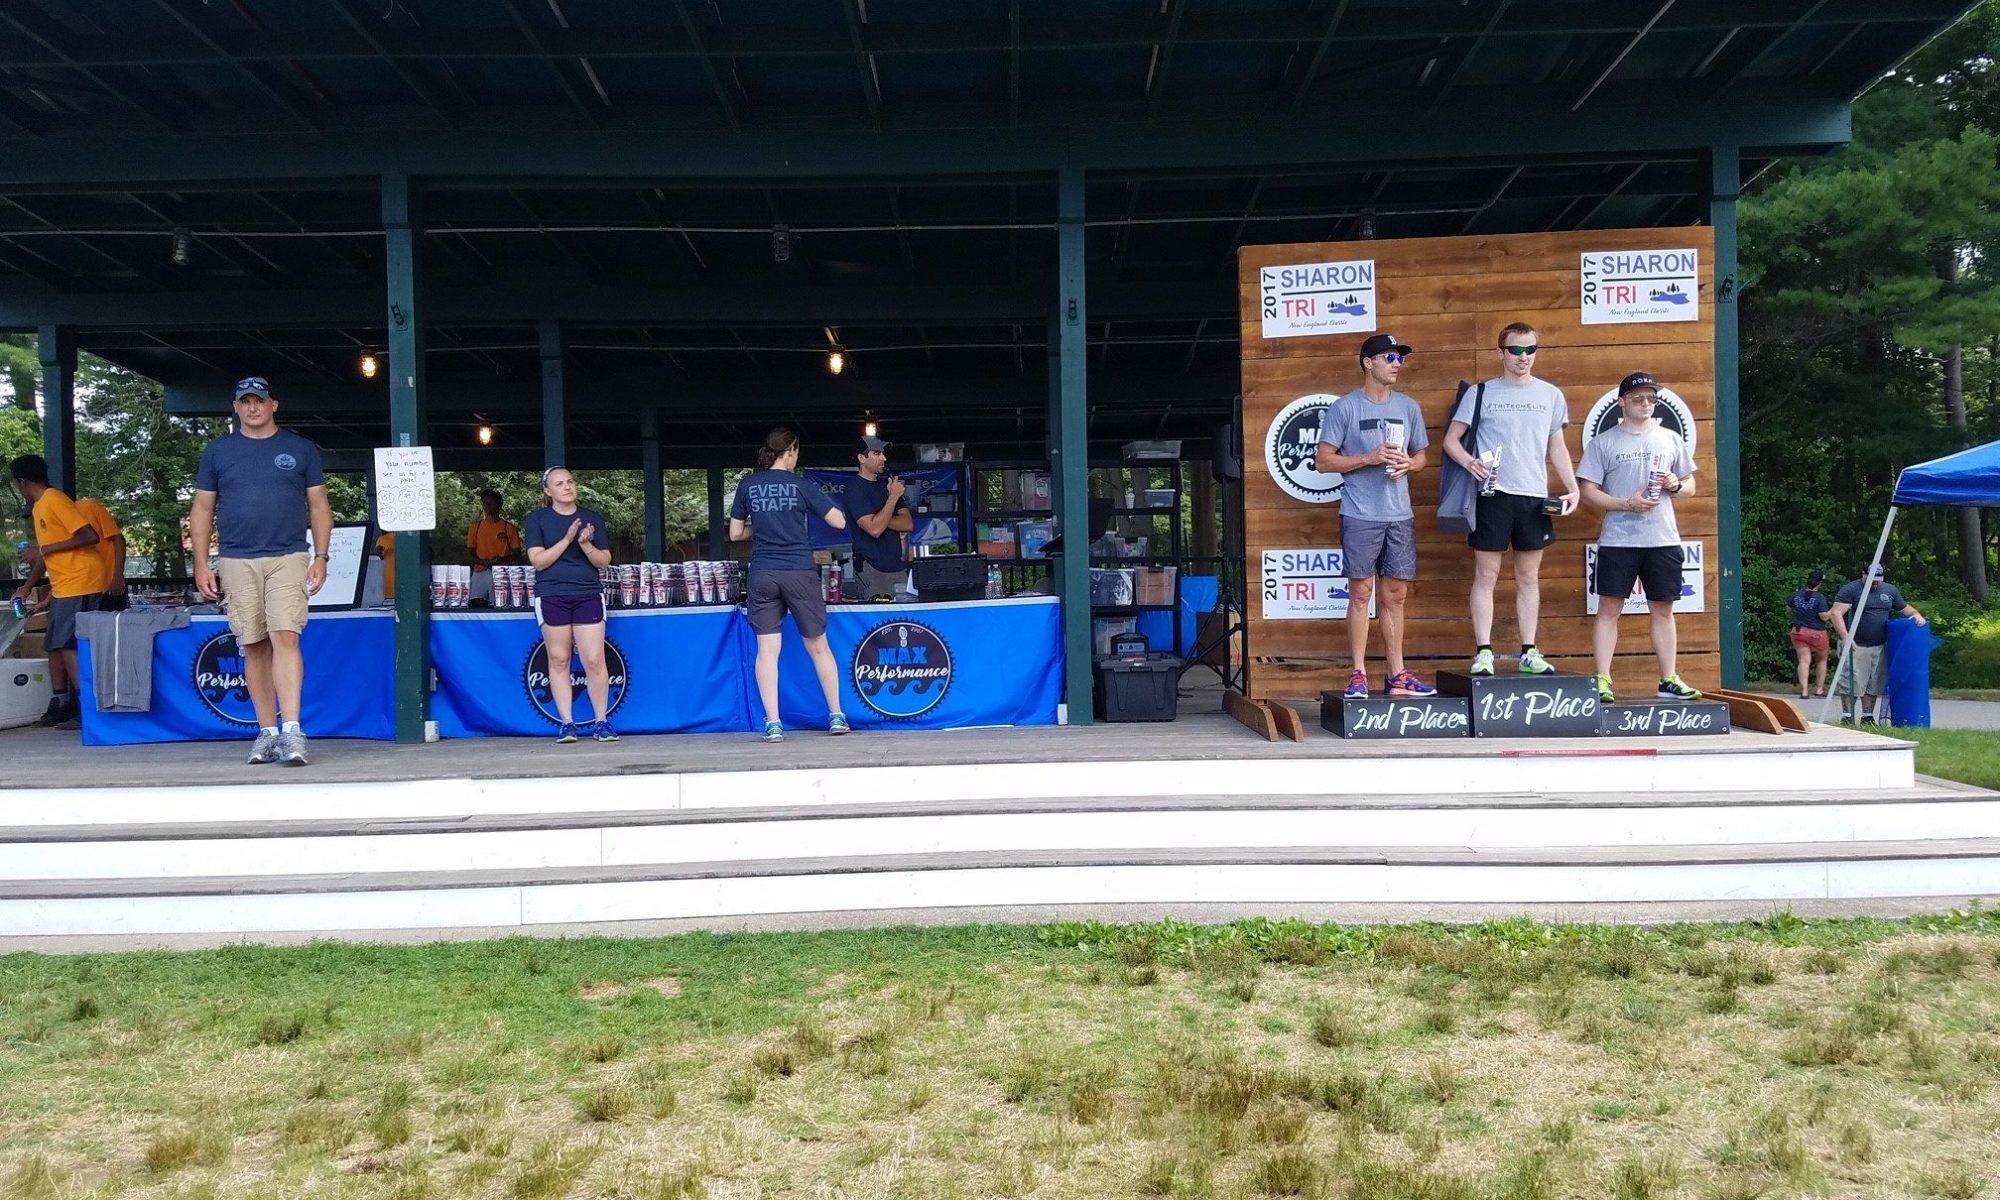 Sharon Triathlon Race Summary